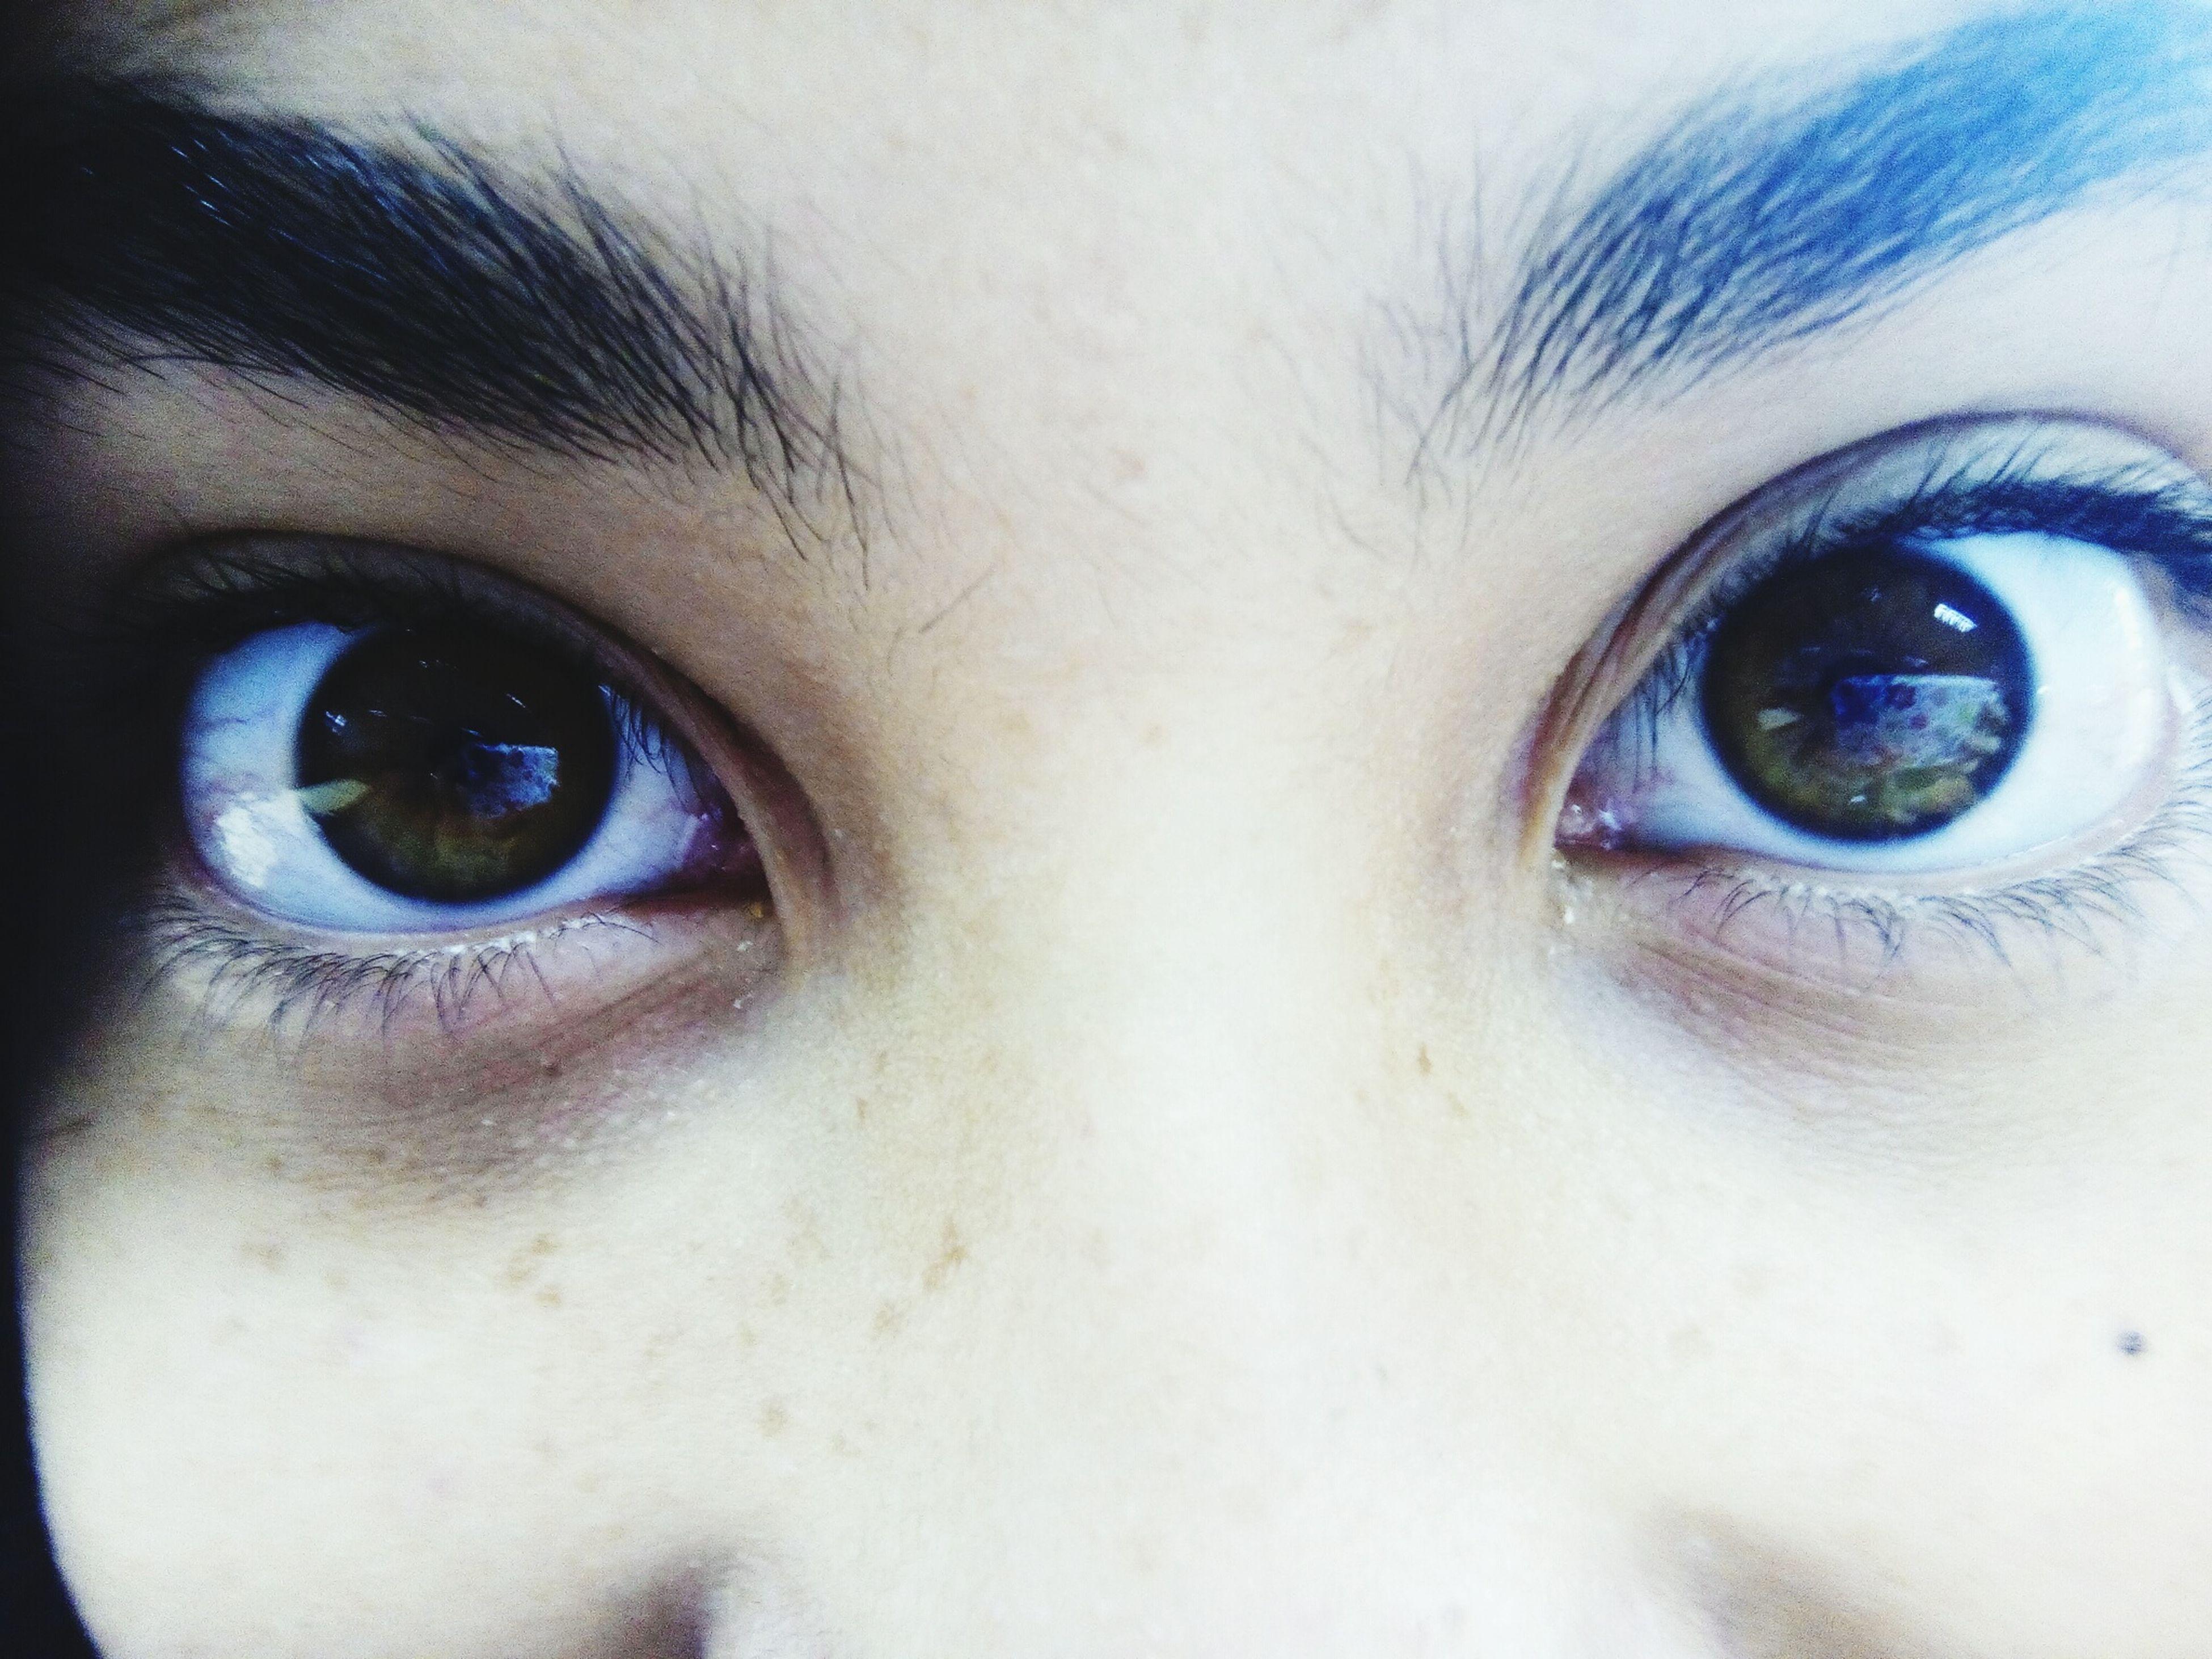 human eye, close-up, looking at camera, portrait, eyelash, eyesight, part of, extreme close-up, extreme close up, human face, sensory perception, indoors, full frame, eyeball, headshot, iris - eye, staring